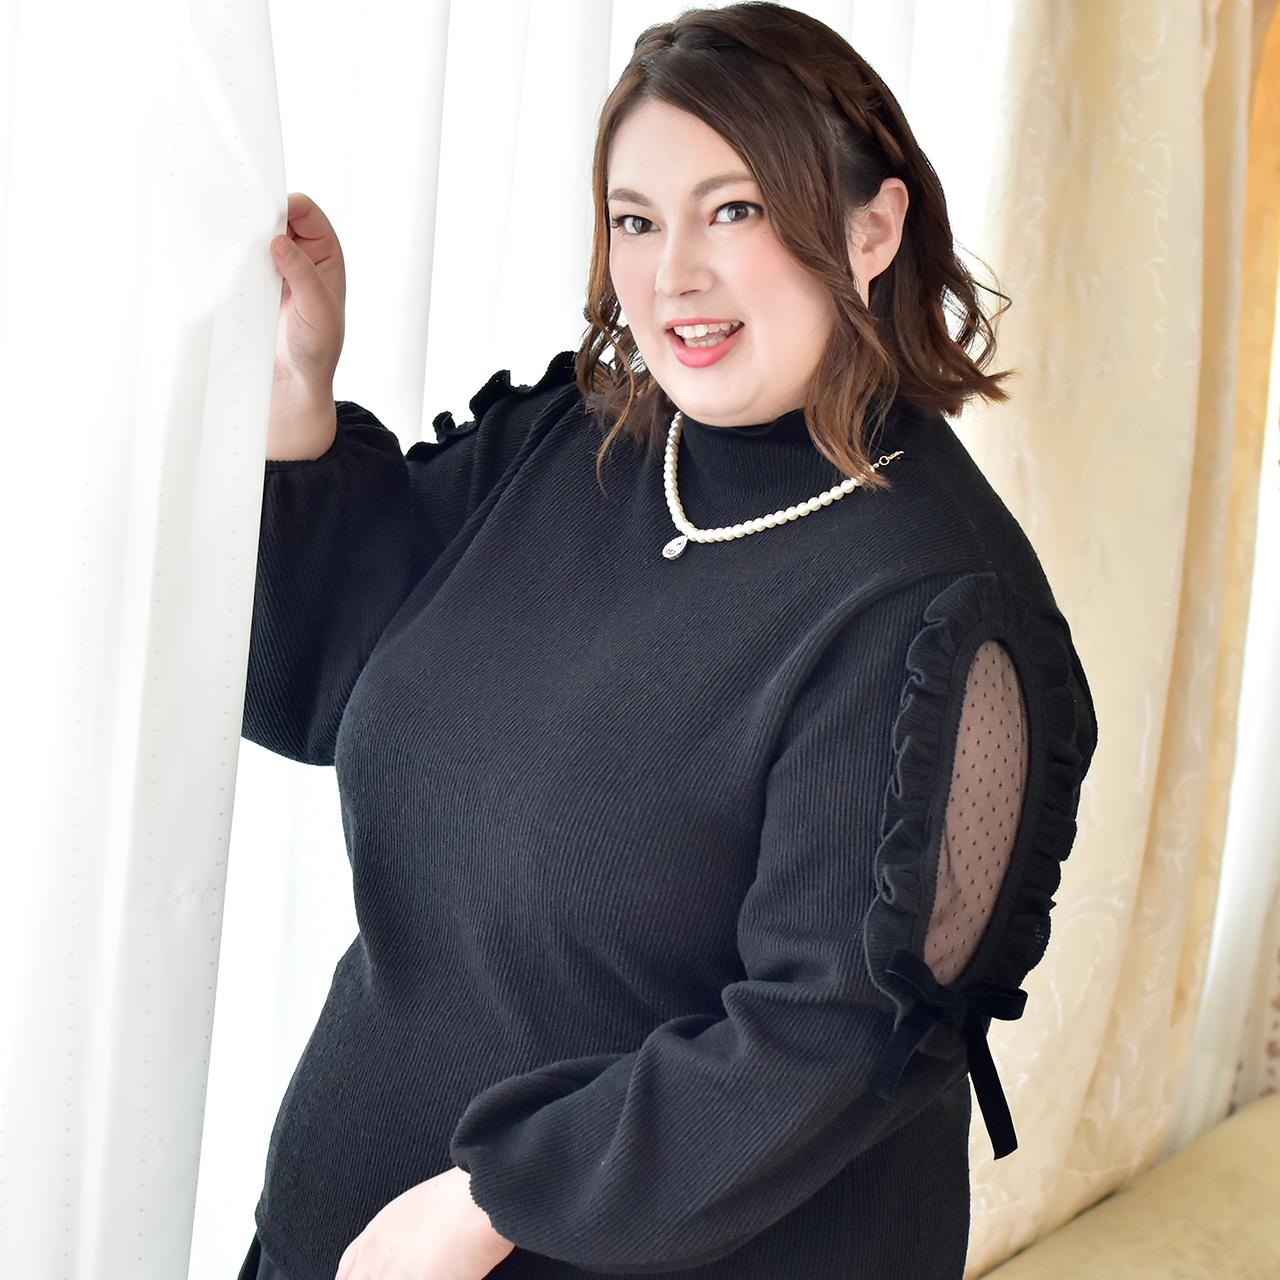 ビジューパールネックレス付き袖開きニットの写真